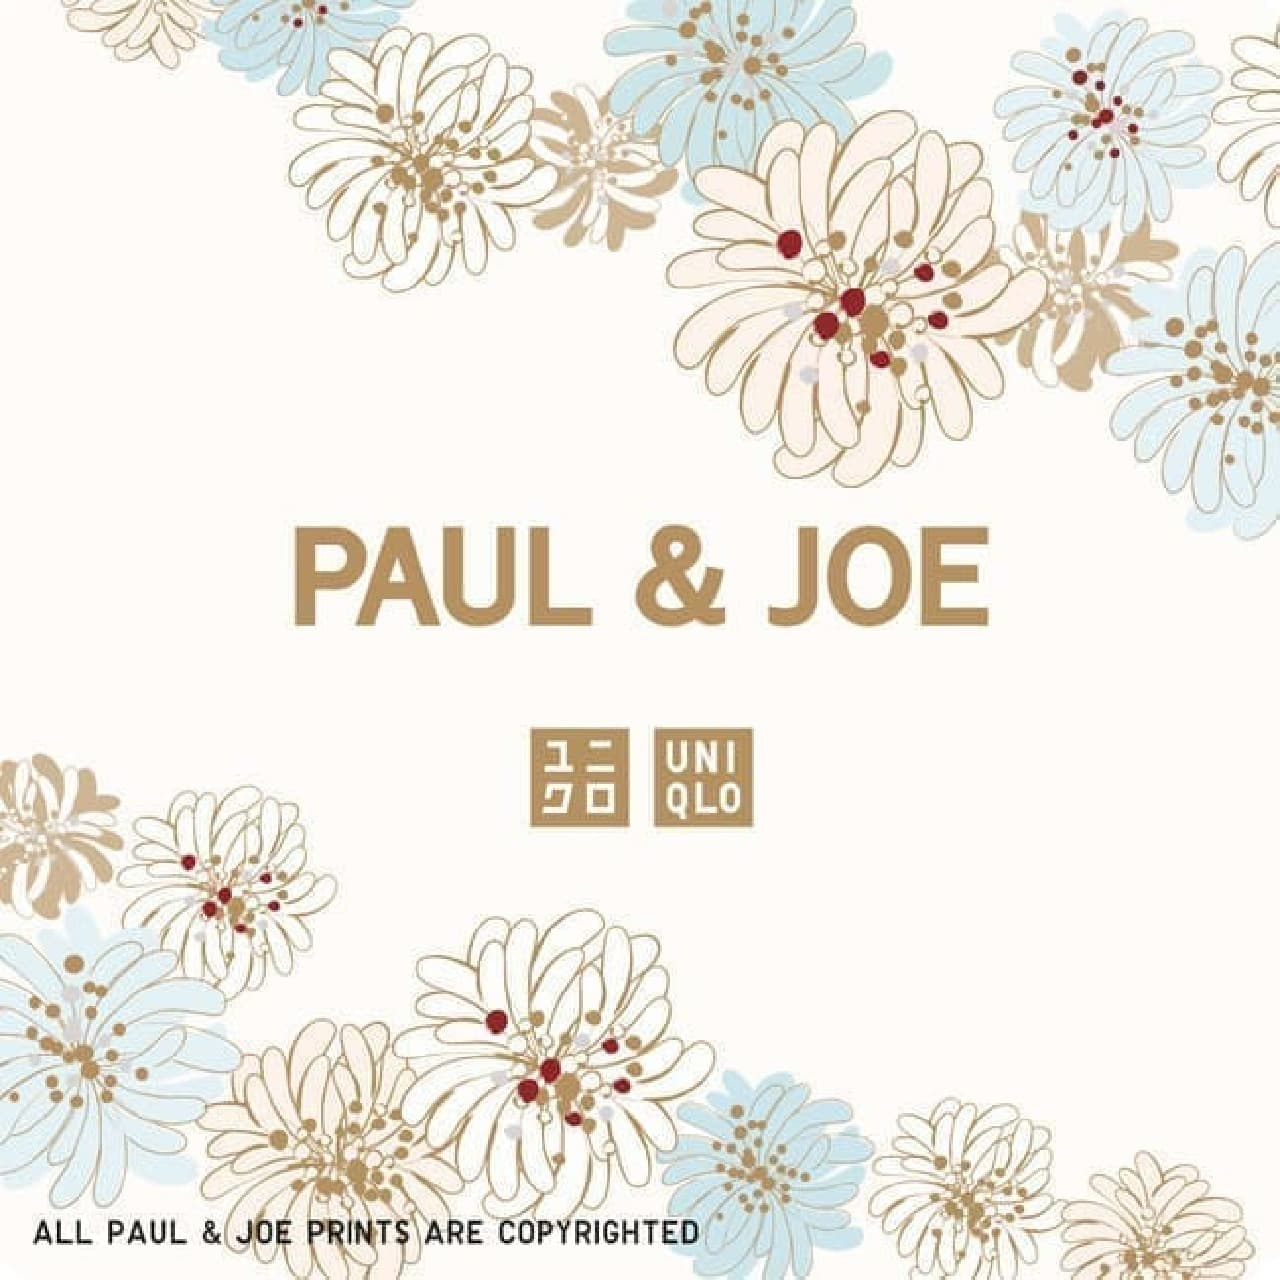 ユニクロ「UT」× PAUL&JOEがコラボ!可憐なワンピース・バッグなど